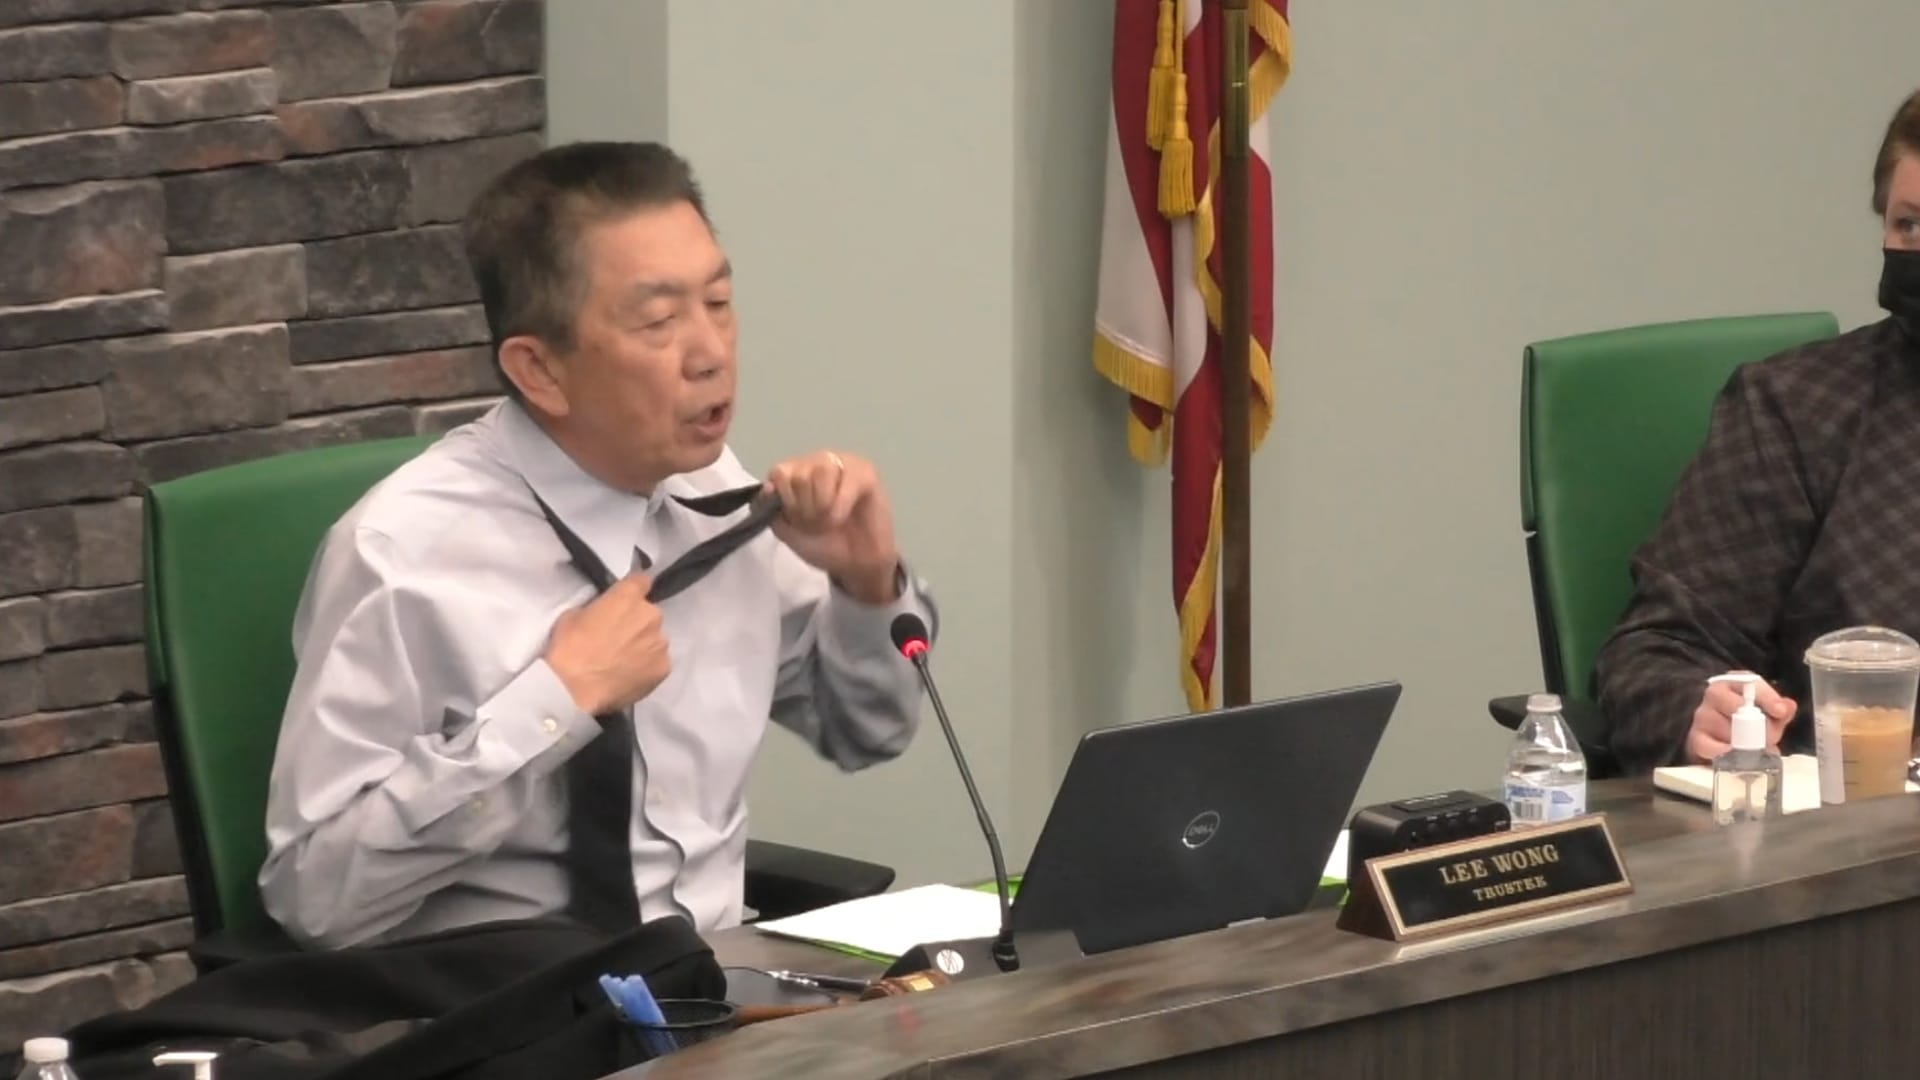 عسكري أمريكي من أصل آسيوي يخلع قميصه لإظهار ندوب: هل هذه وطنية كافية؟